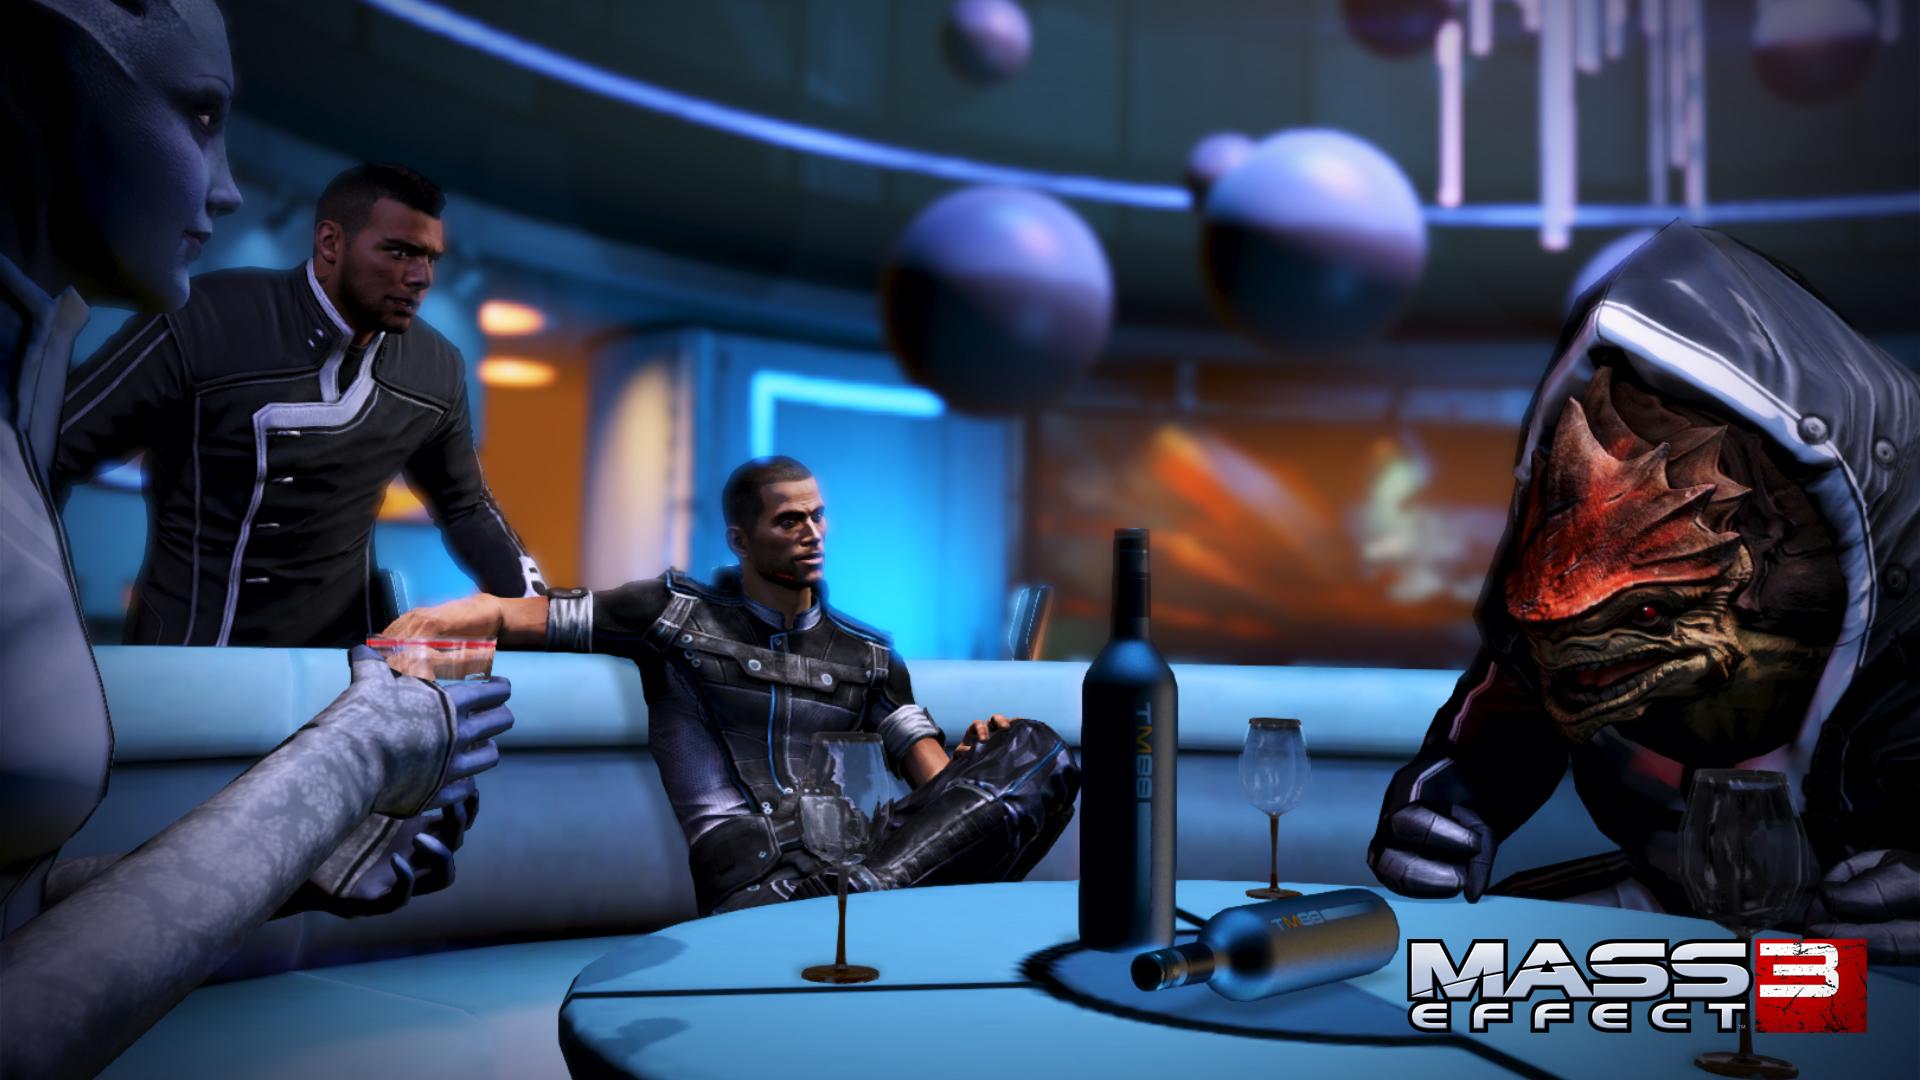 Mass Effect 3: Citadel Announced Citadel3